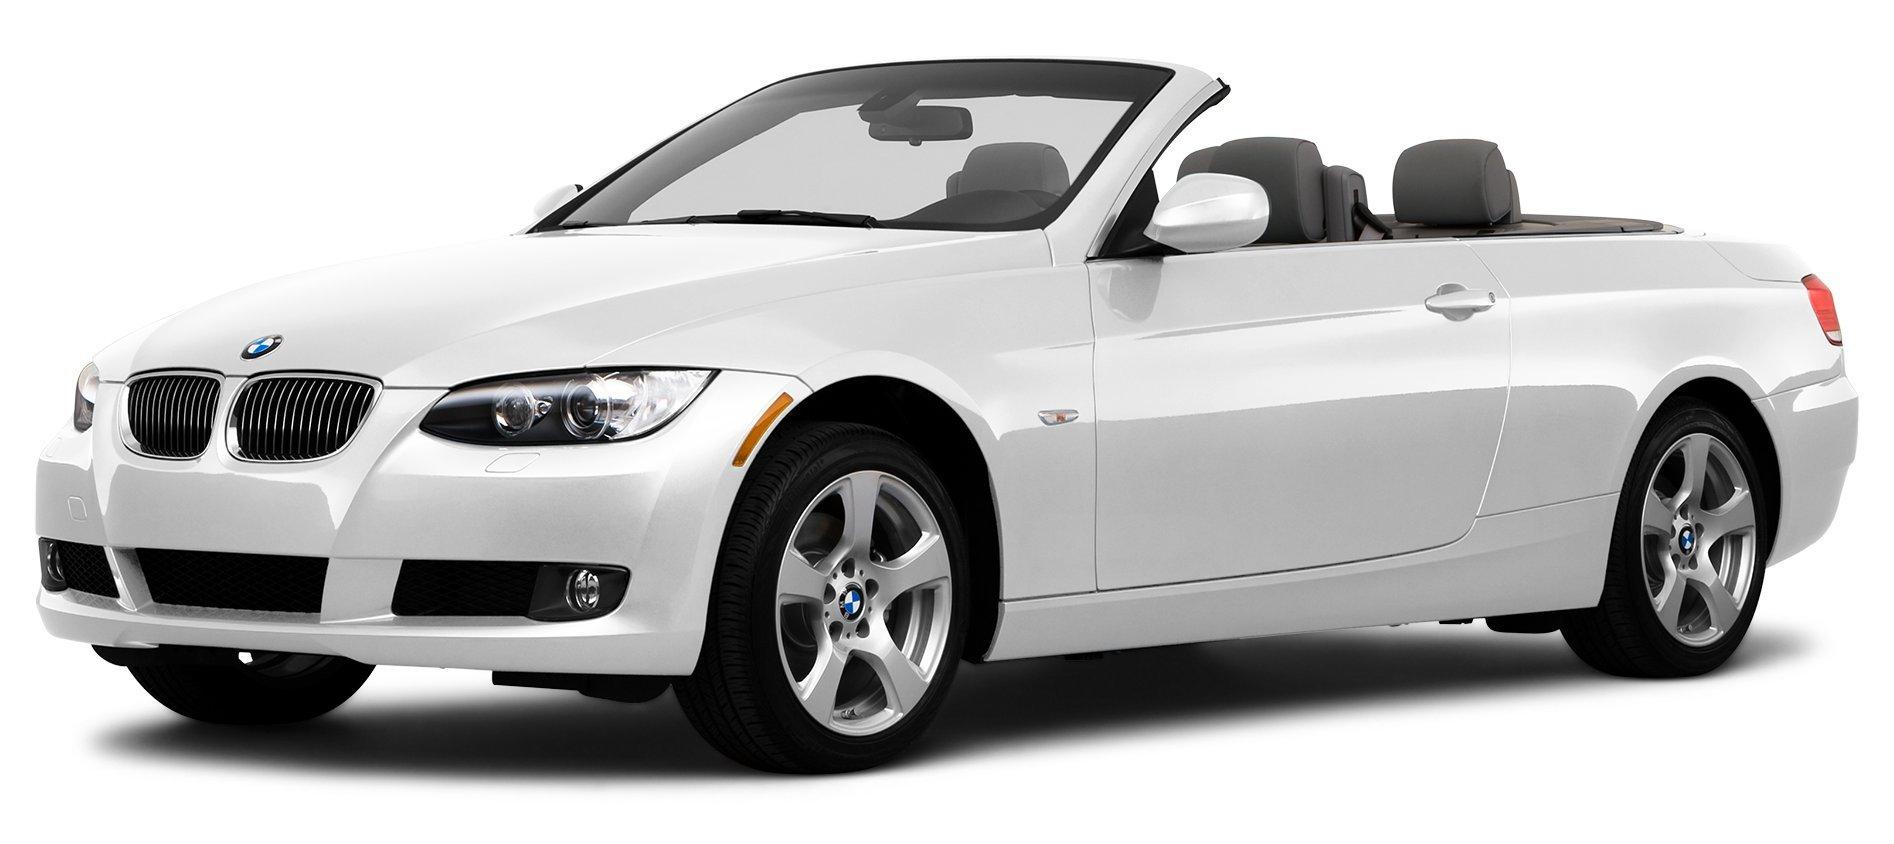 2010 BMW 335i 2 Door Convertible